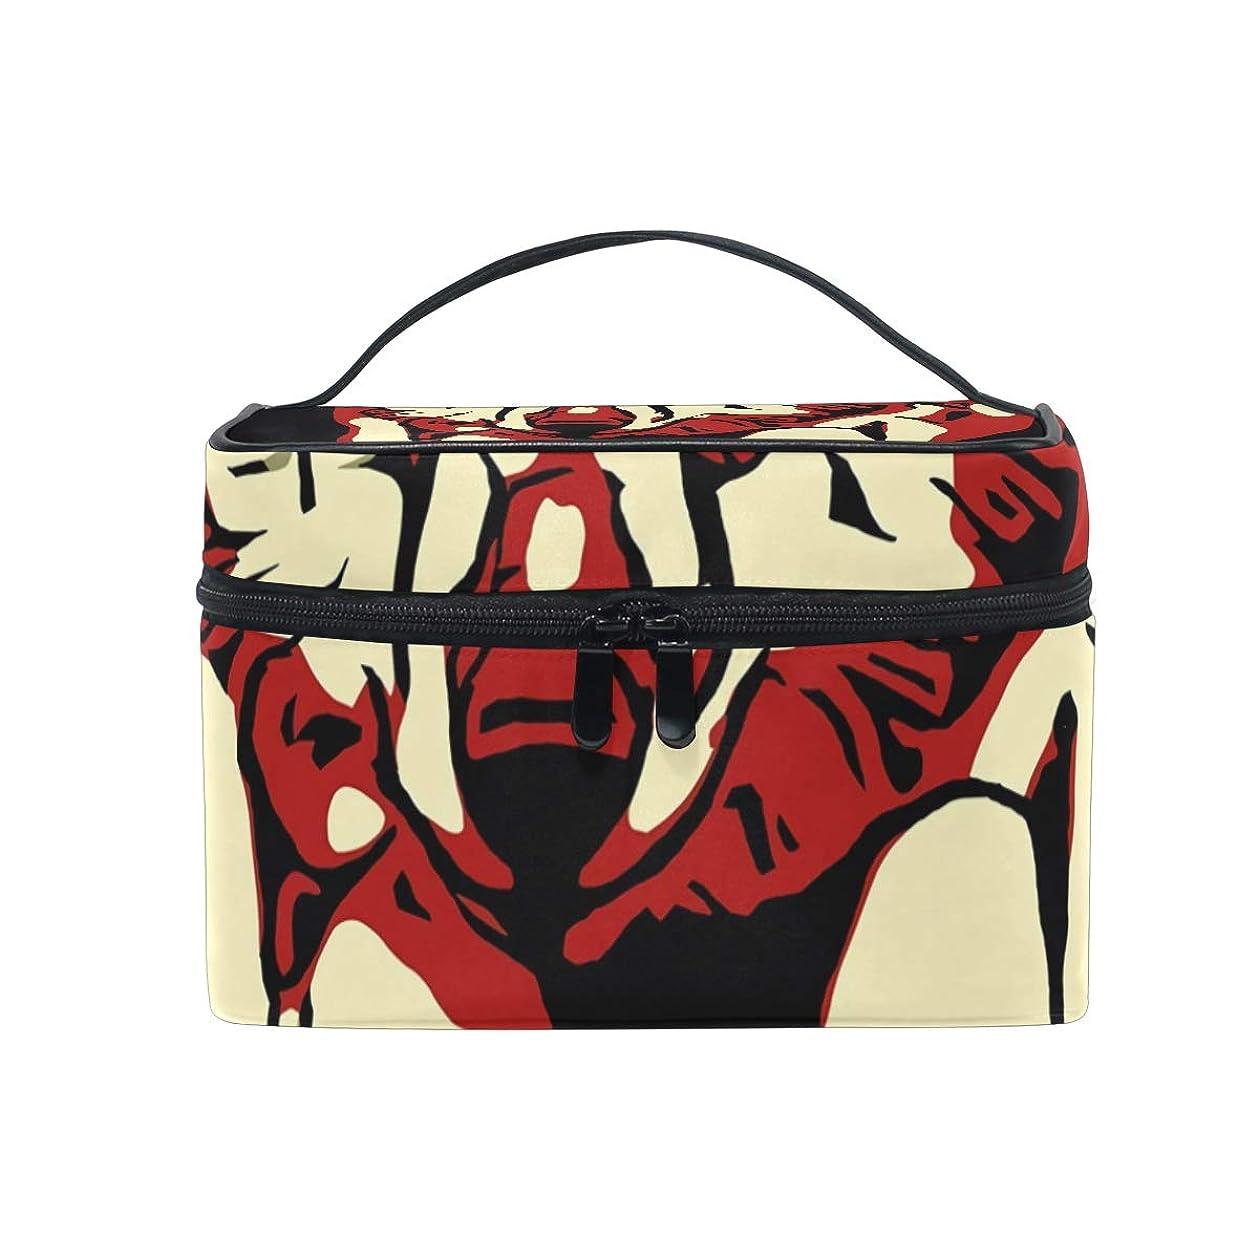 取り除く炎上哺乳類メイクボックス オオカミ柄 化粧ポーチ 化粧品 化粧道具 小物入れ メイクブラシバッグ 大容量 旅行用 収納ケース